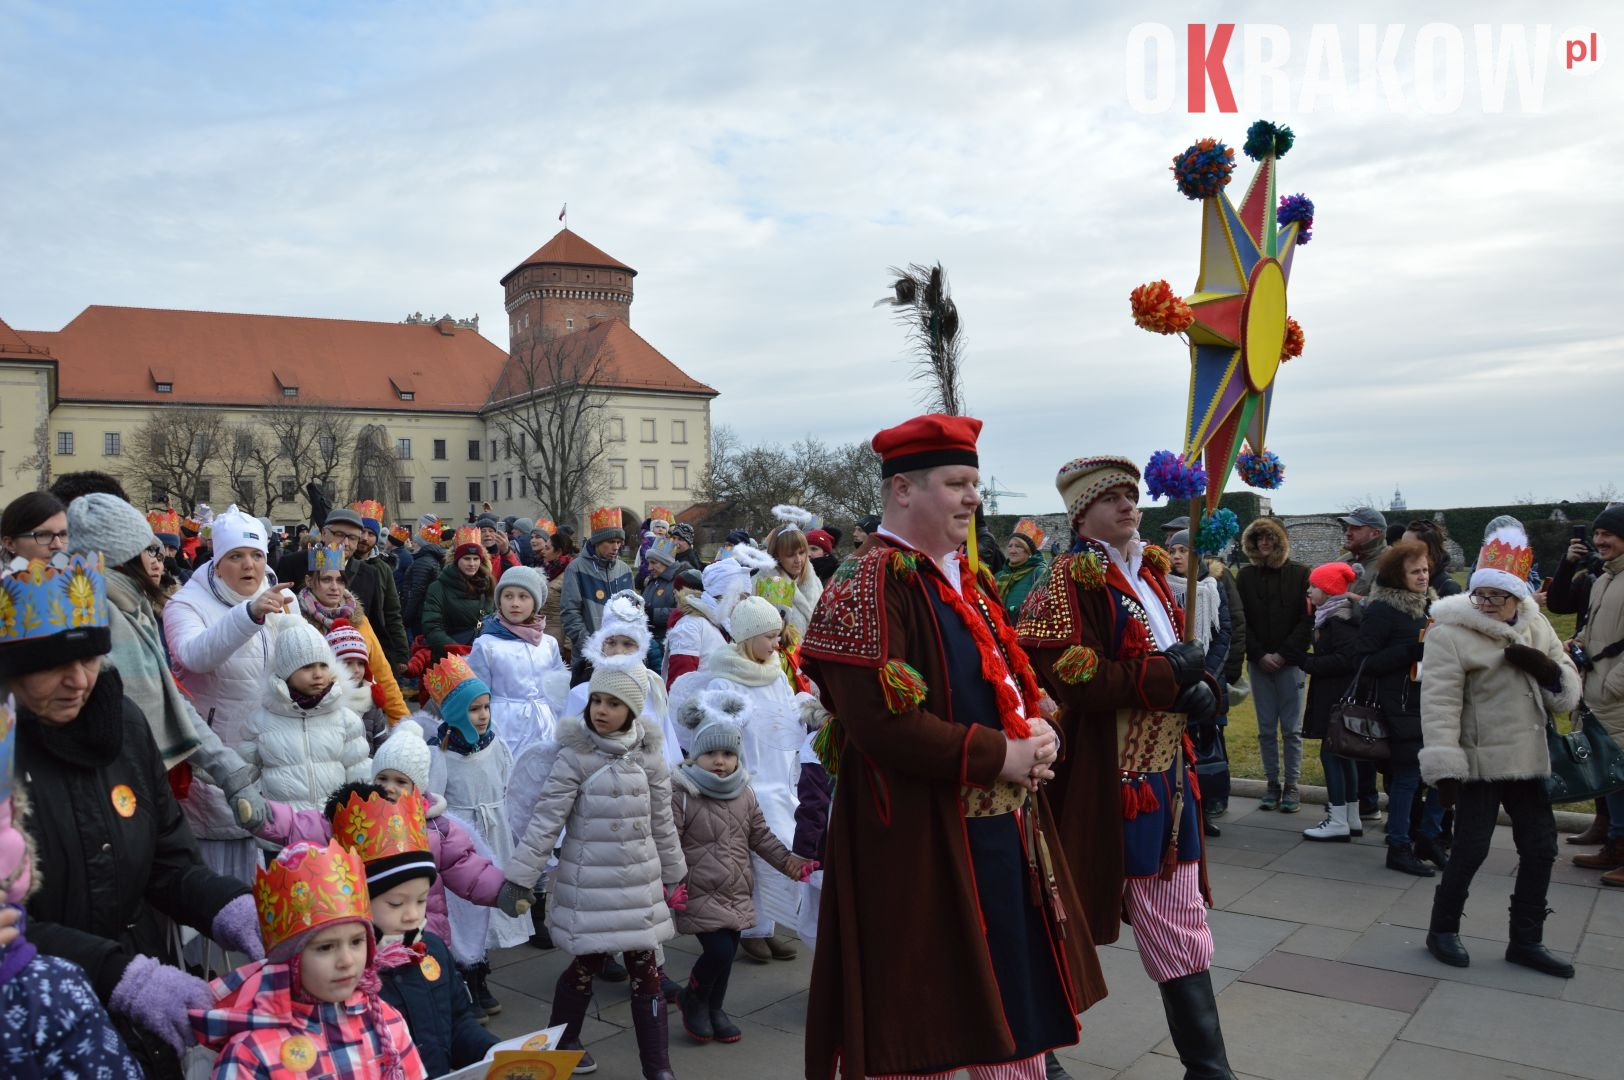 orszak 16 1 150x150 - Orszak Trzech Króli Kraków 2020 Galeria Zdjęć z Orszaku (czerwonego)